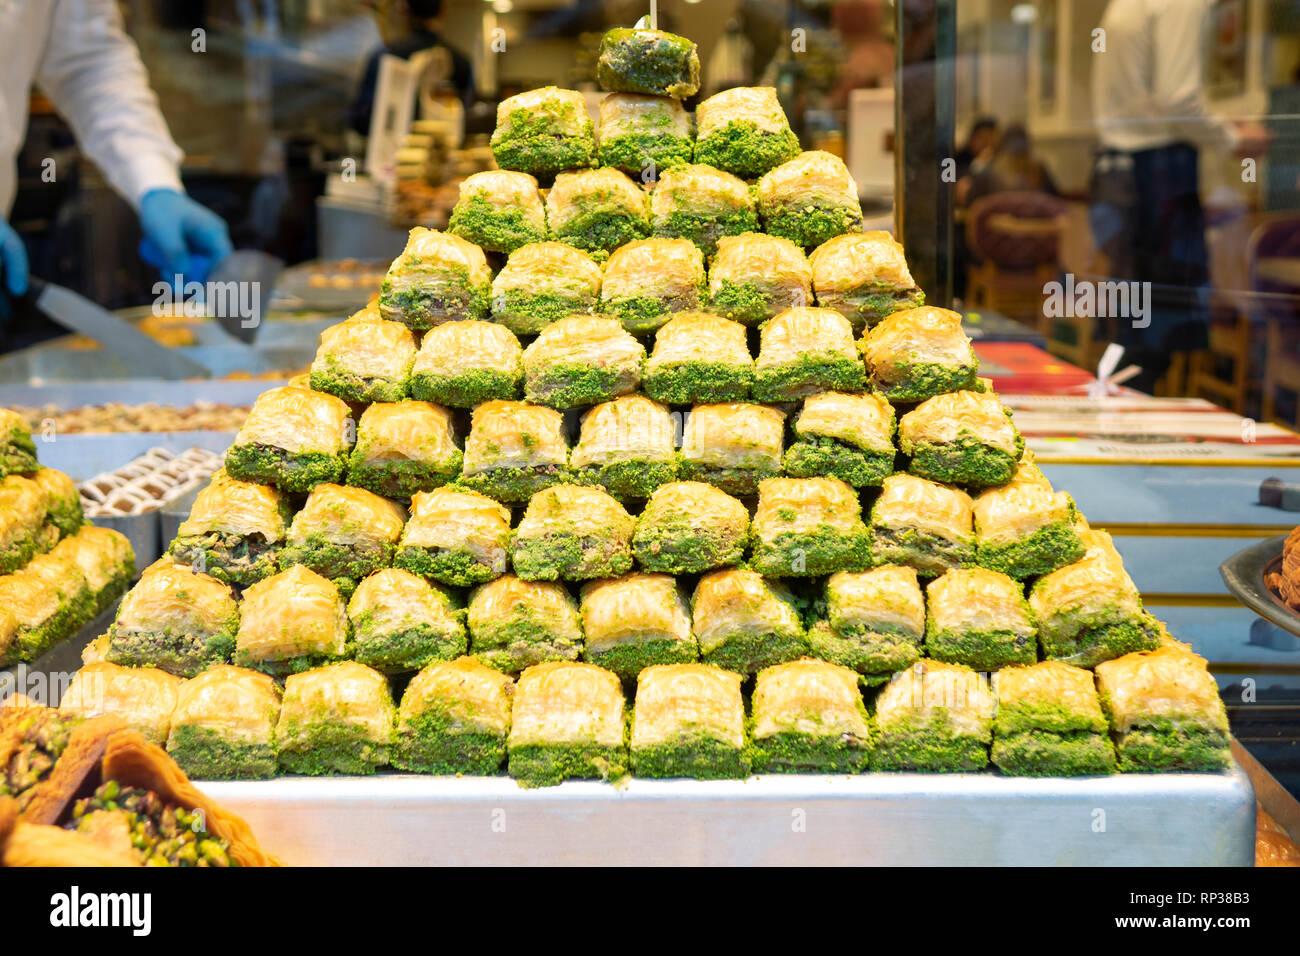 Les sucreries de l'est dans une large gamme, baklava, loukoums aux amandes, noix de cajou et les pistaches sur plaques Banque D'Images